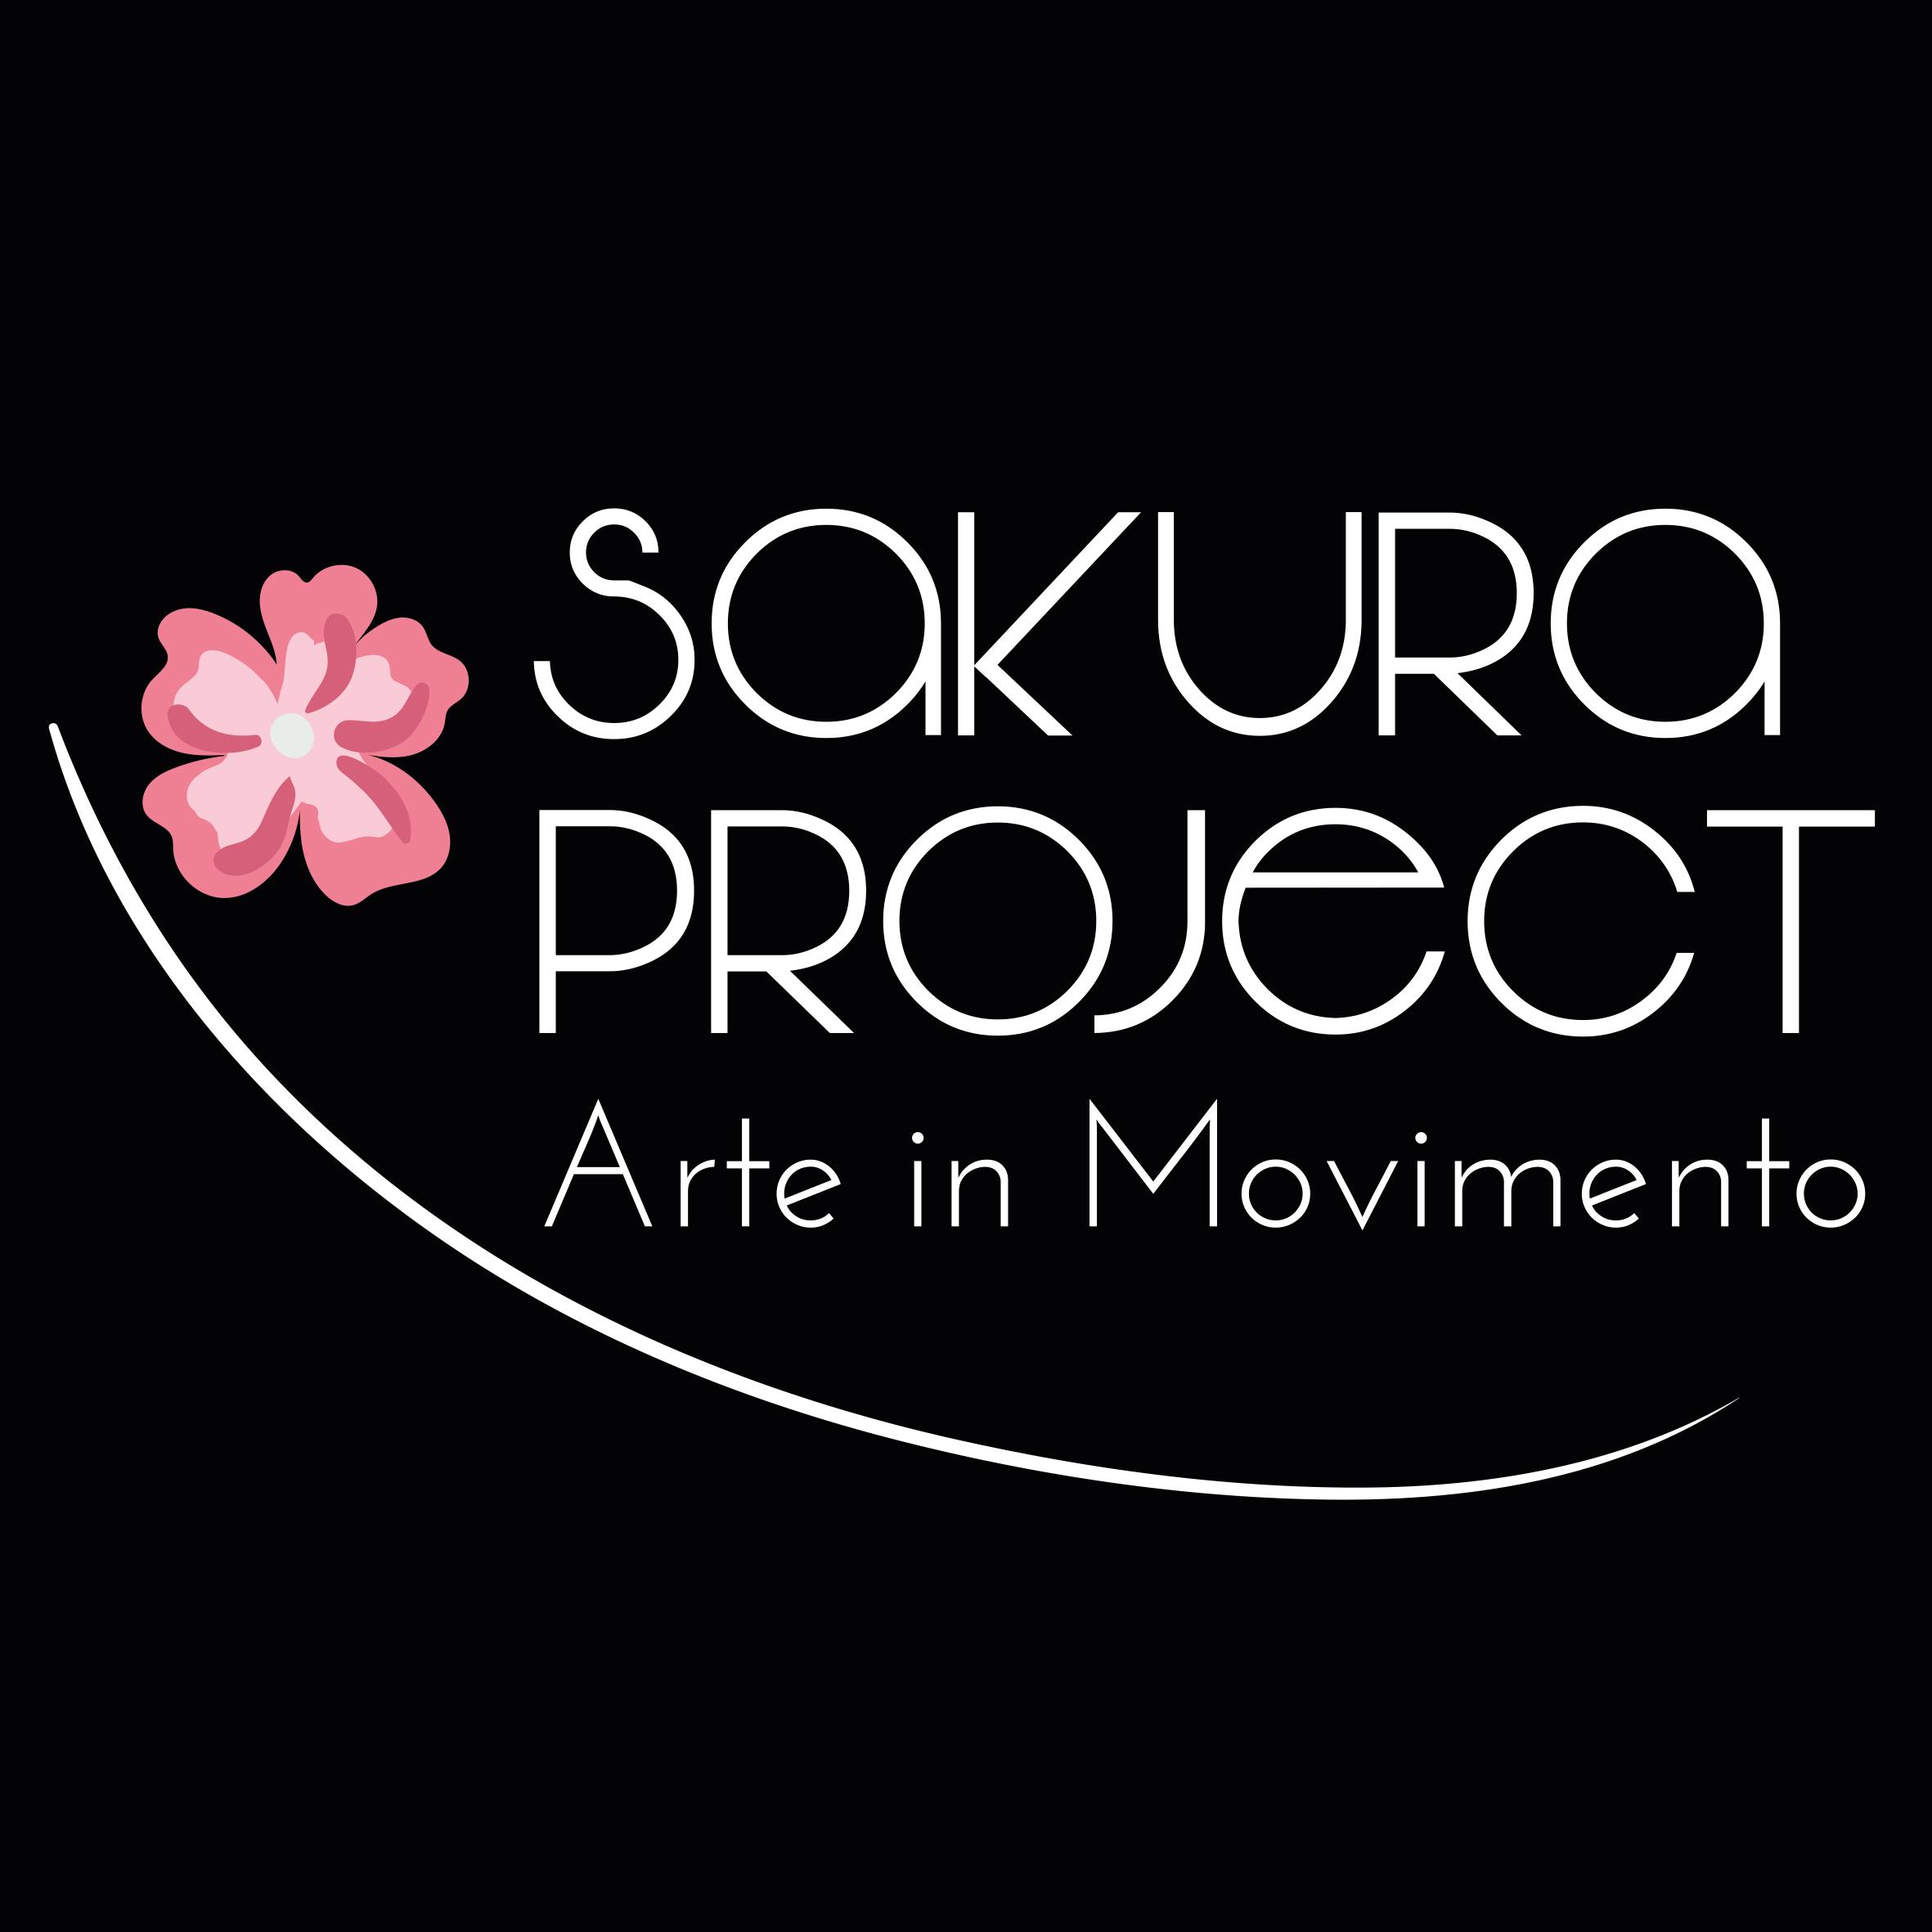 Sakura Project Arte in Movimento a Villa Serra di Comago a Genova: Una sfilata di Kimono cerimoniali per celebrare la bellezza e l'estetica giapponese